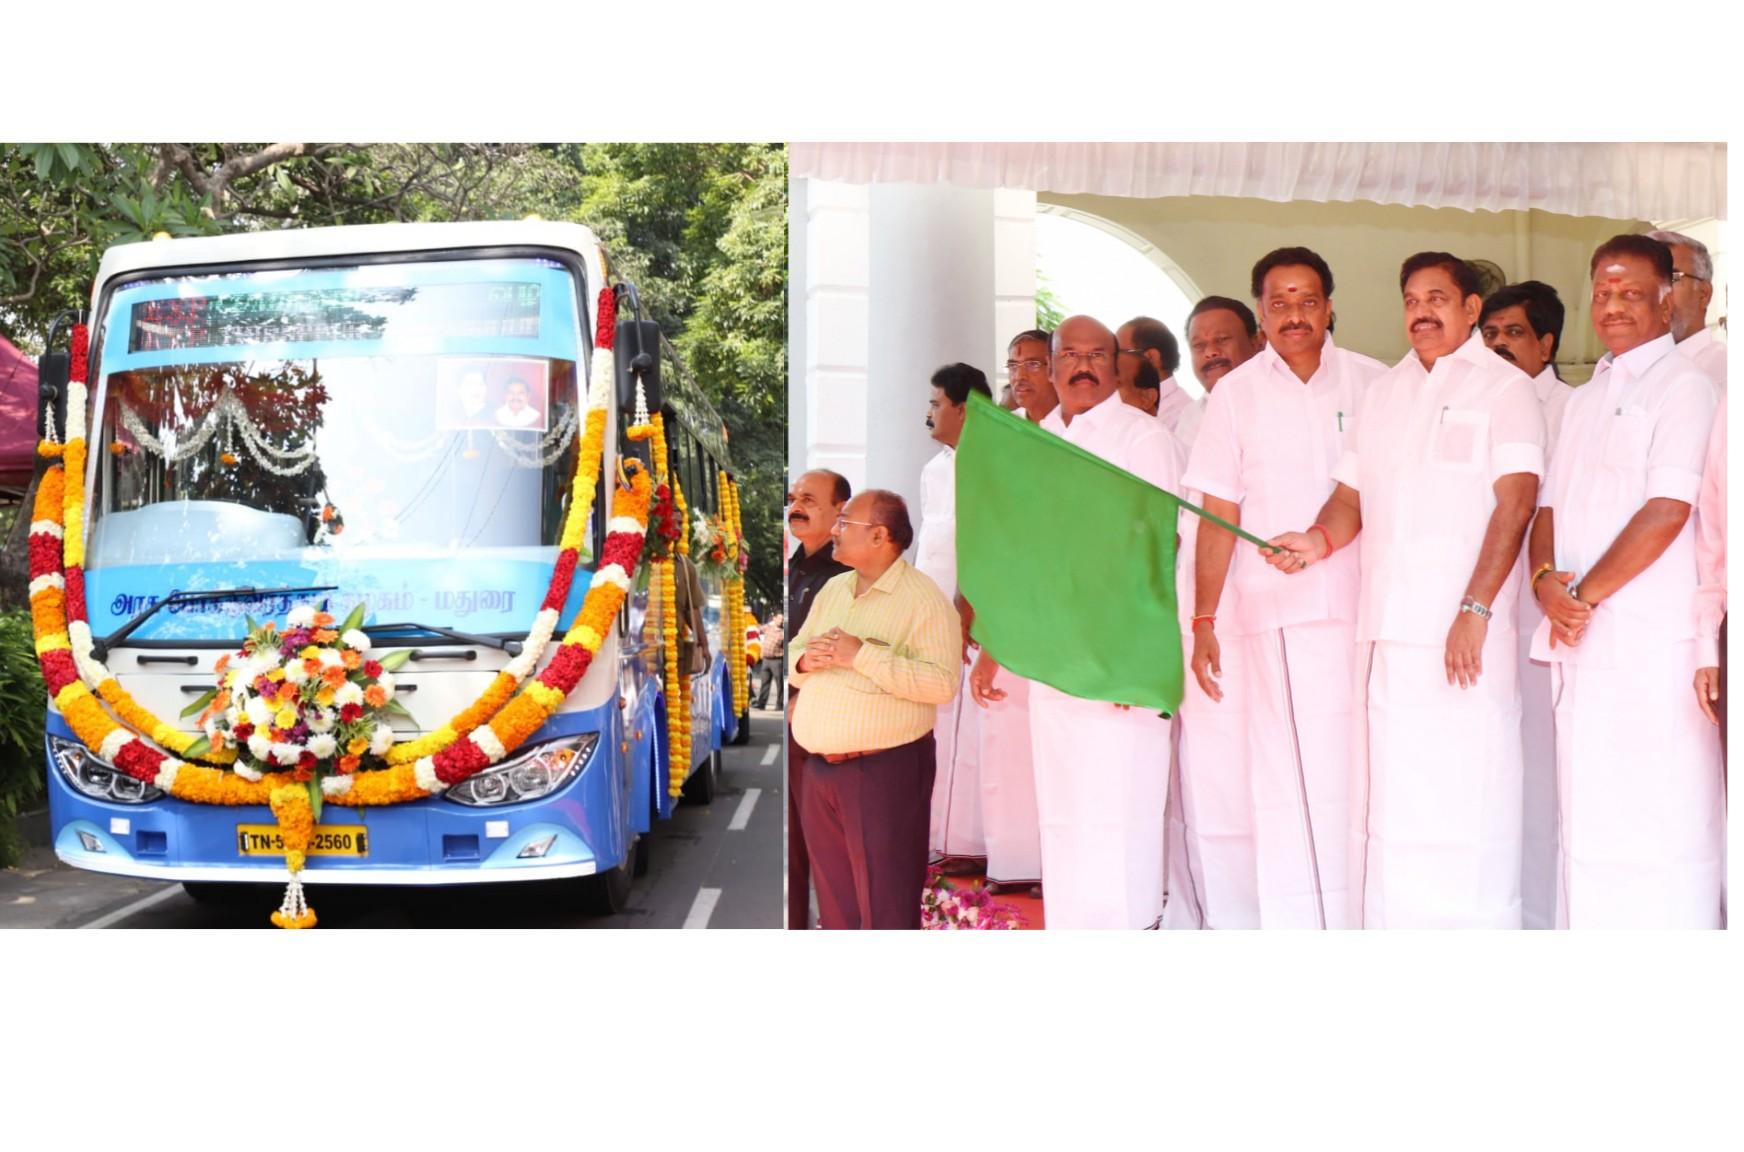 240 புதிய பேருந்துகள், 2 நடமாடும் பணிமனைகளை தொடங்கி வைத்தார் தமிழக முதல்வர்.!